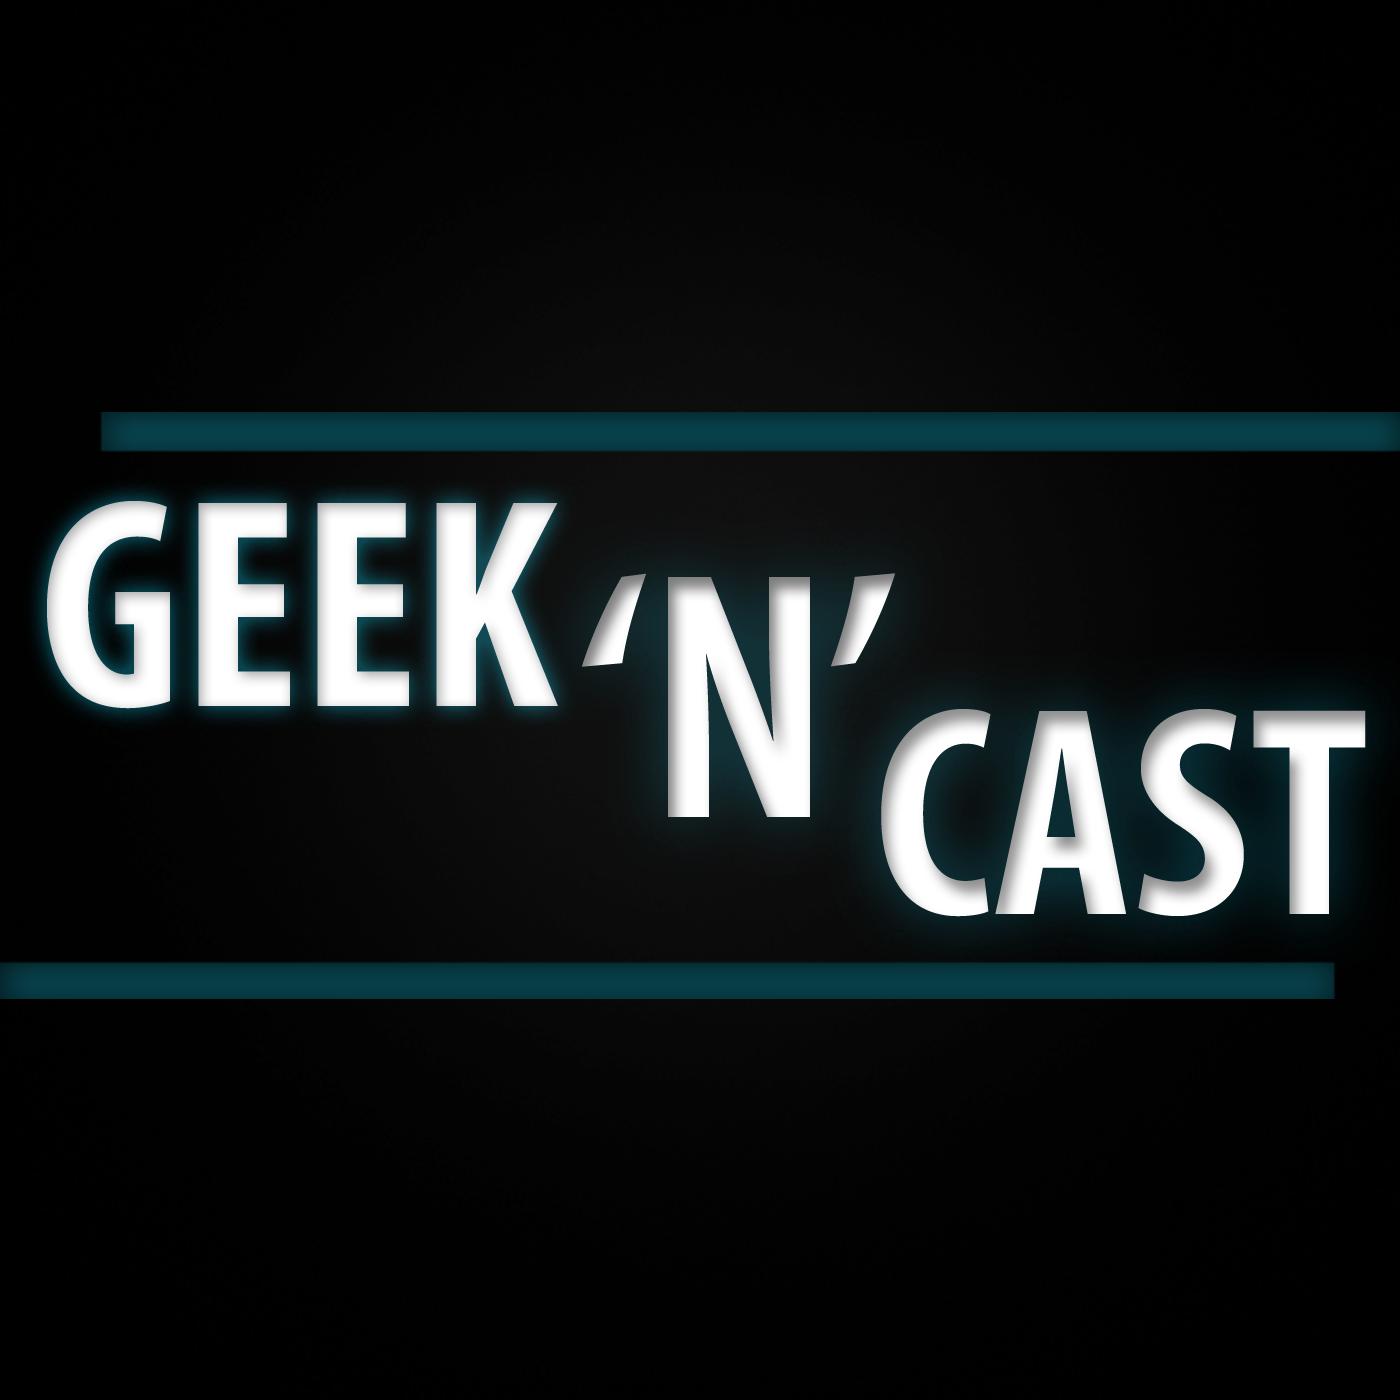 Geek'n'Cast